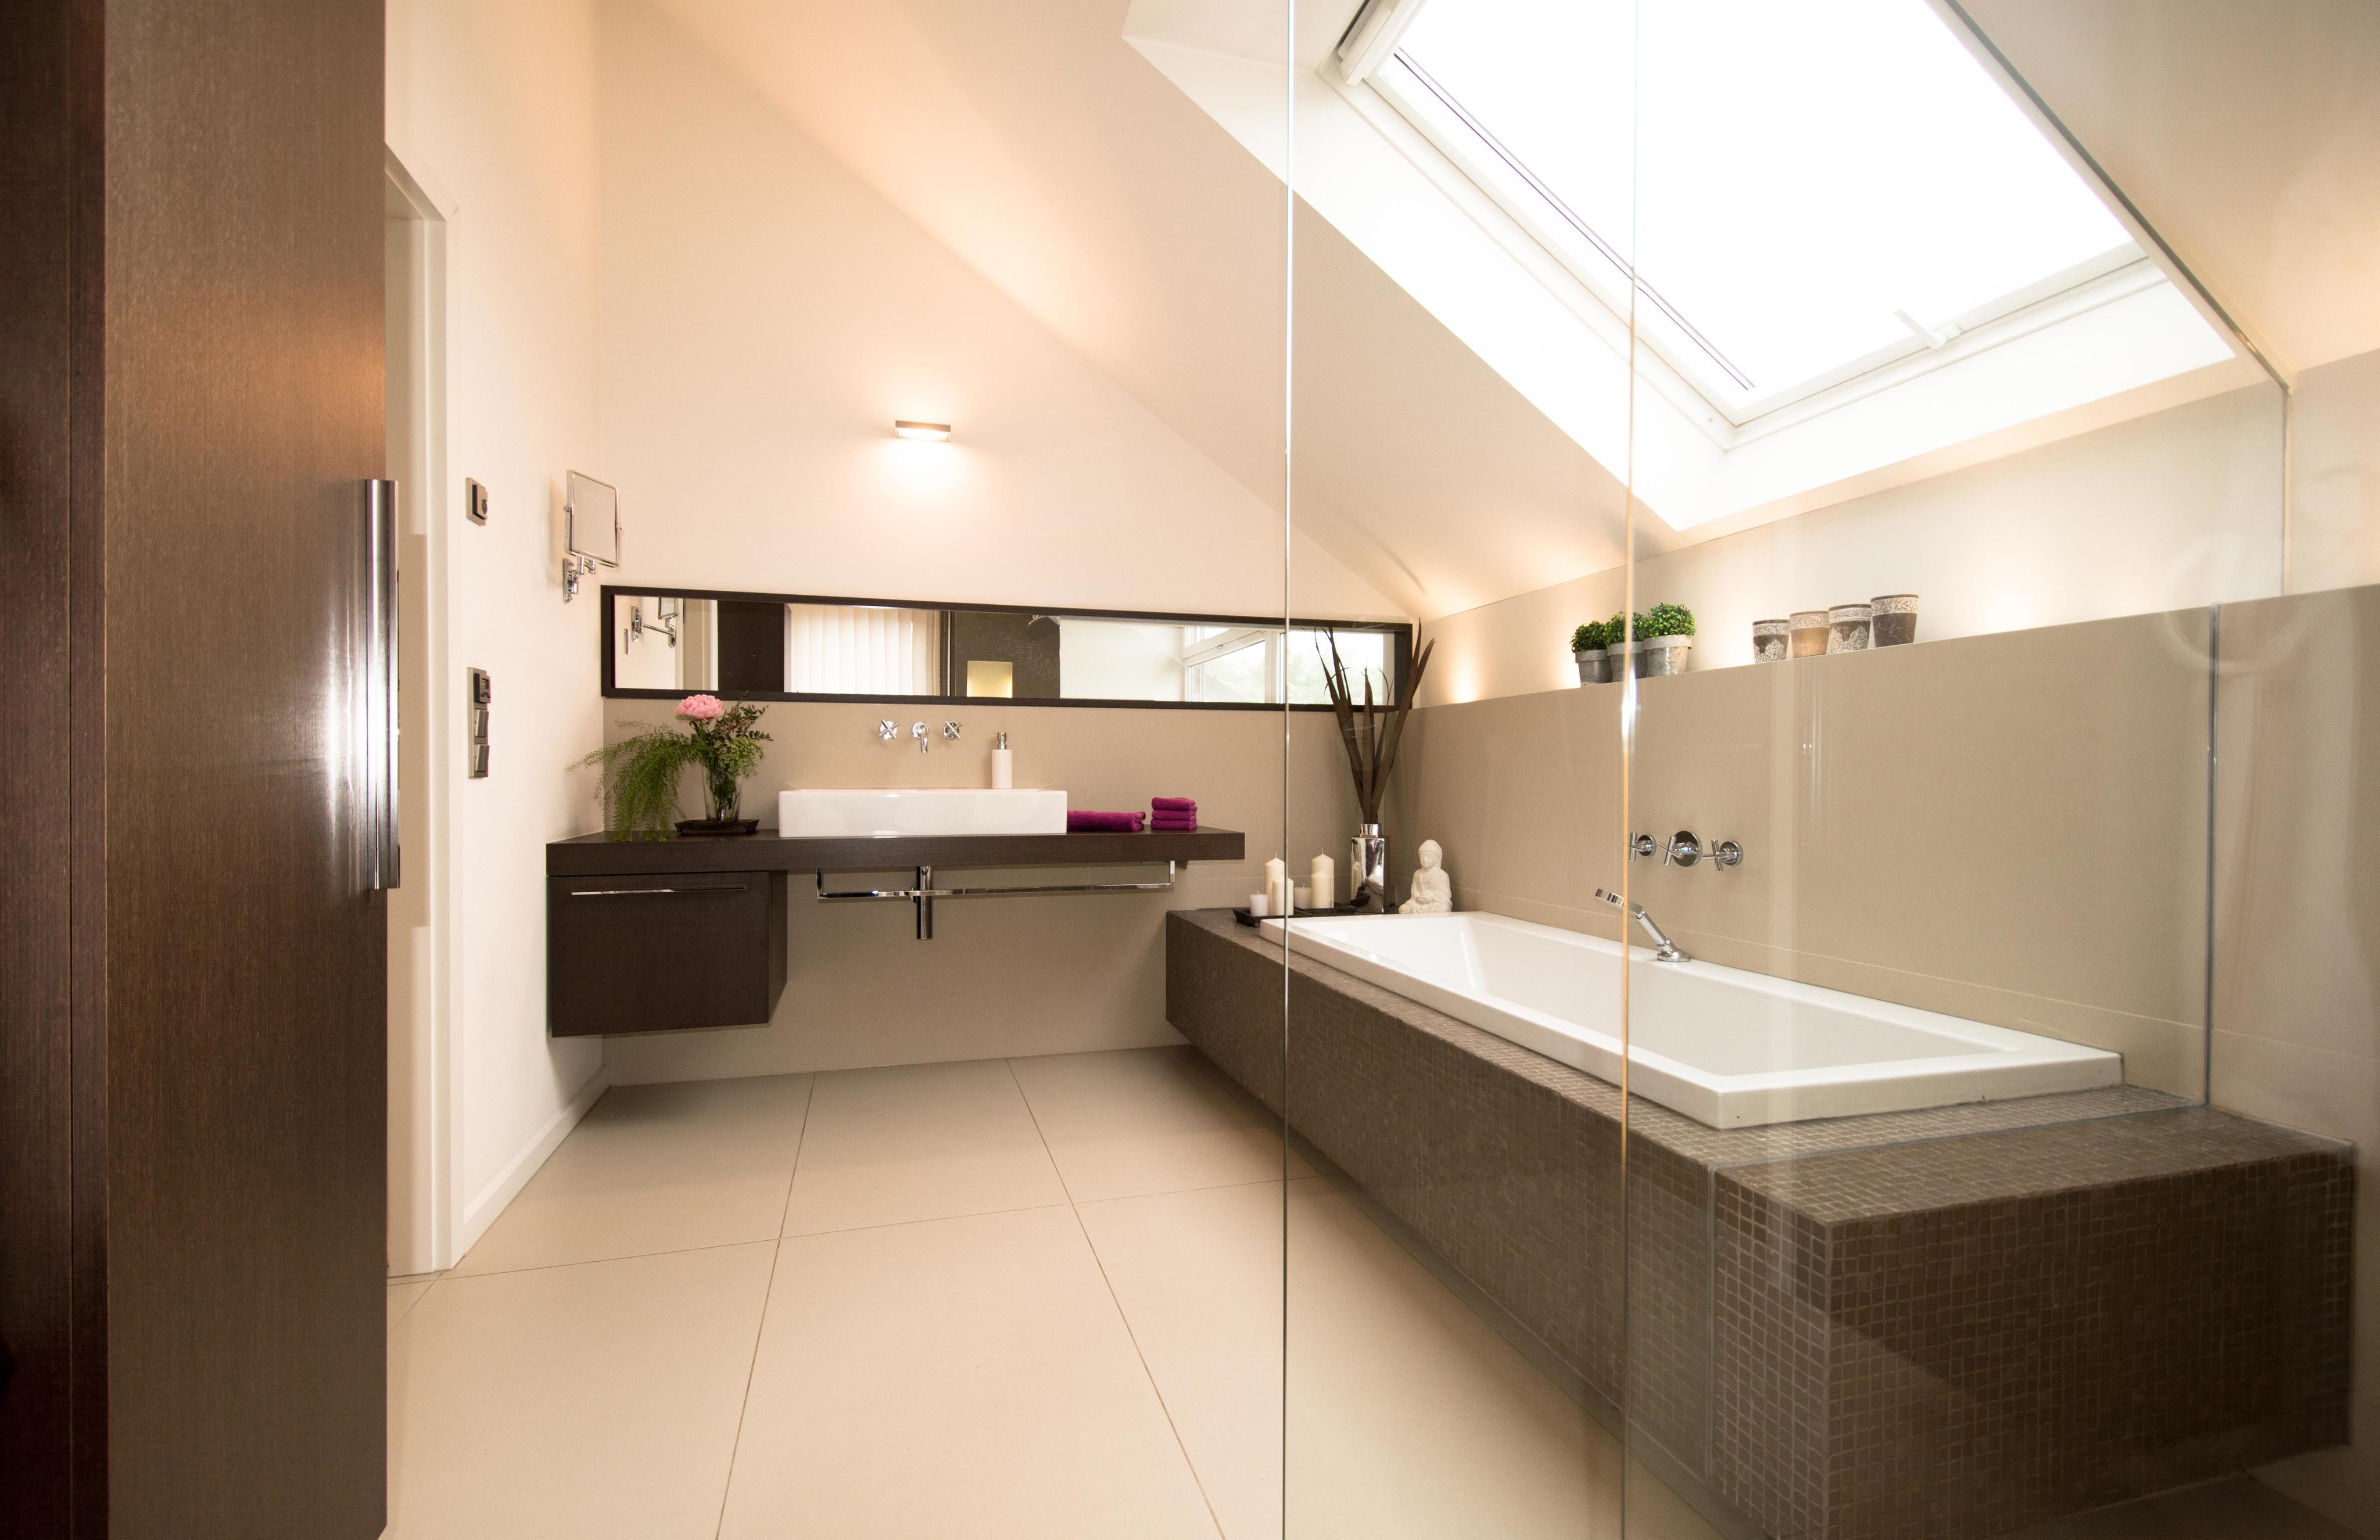 Badewanne Dachschräge badezimmer dachschräge badewanne waschtisch dach